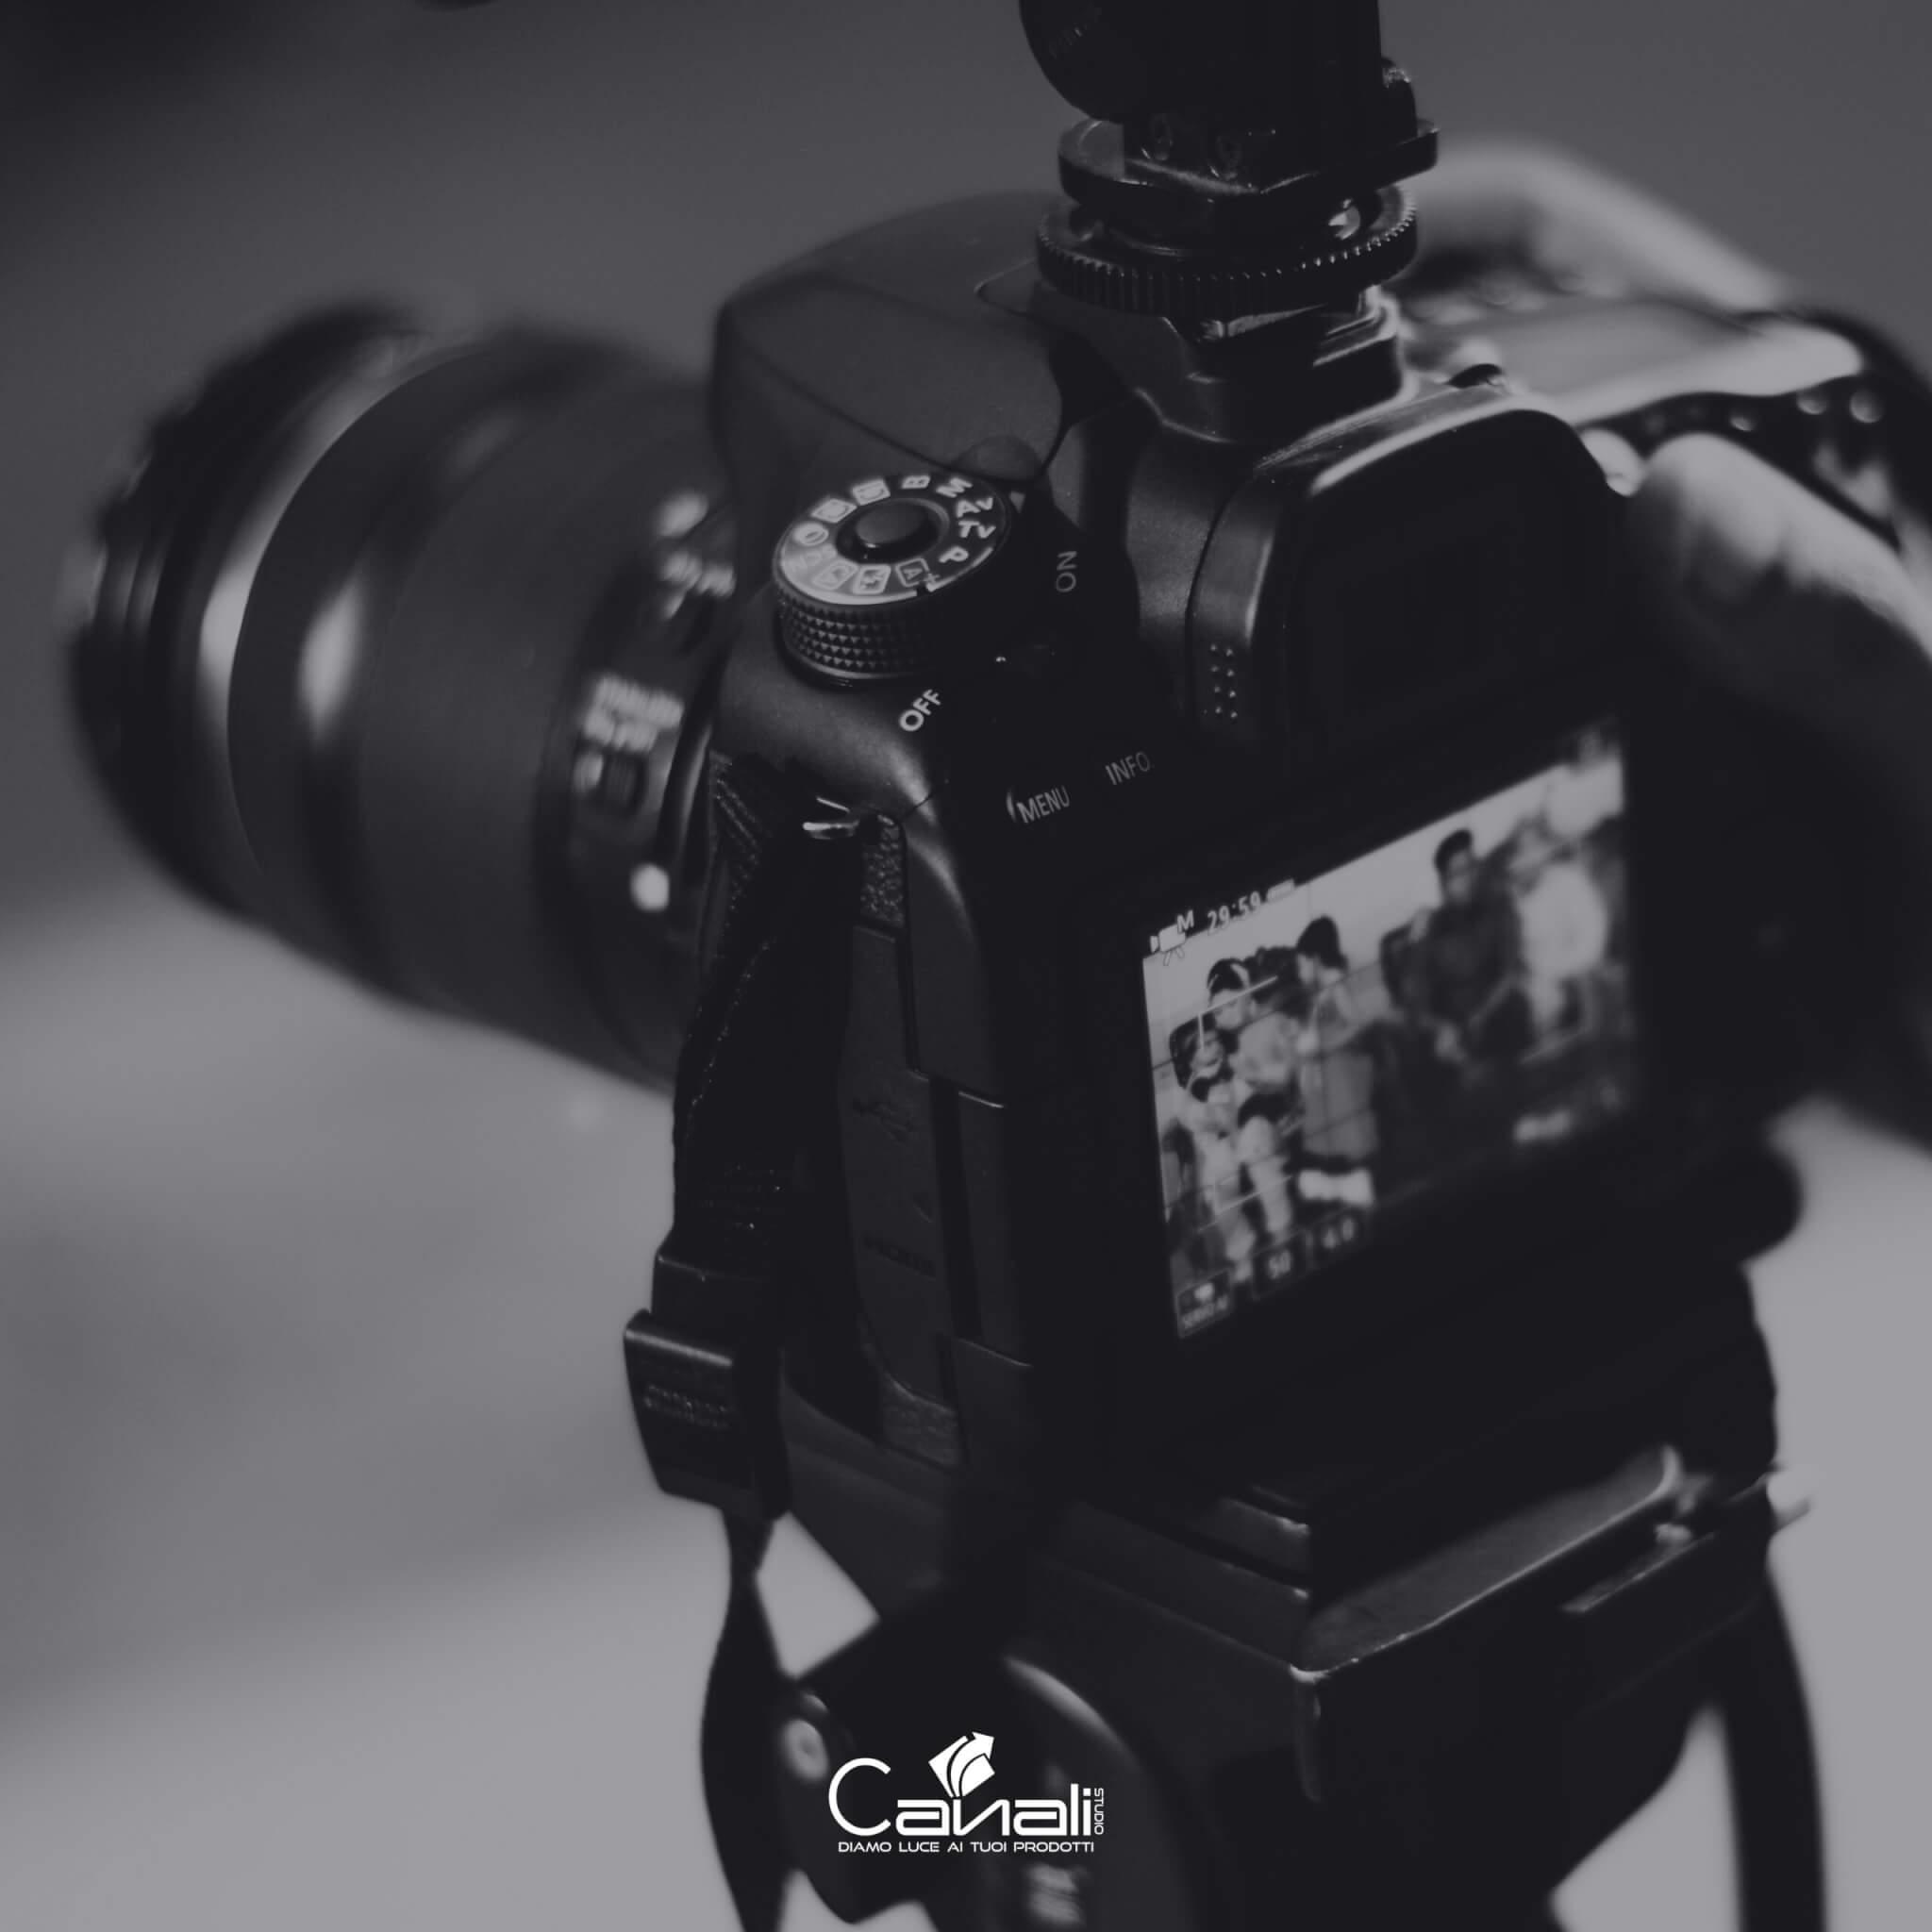 produzione video nikon